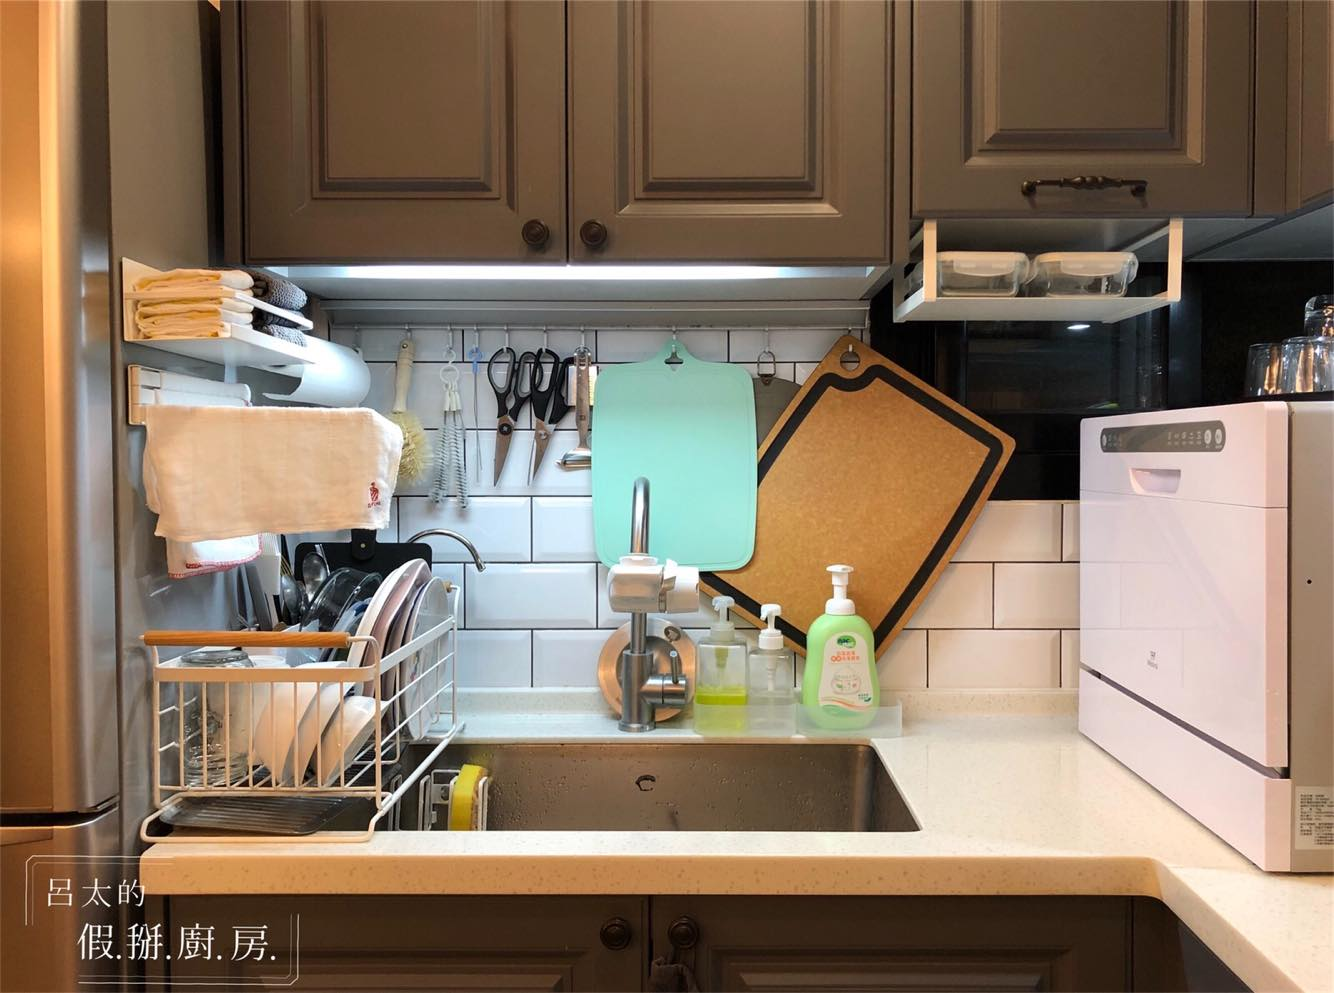 山崎收納,廚房收納,瀝水籃,抹布架,層板架,yamazaki,